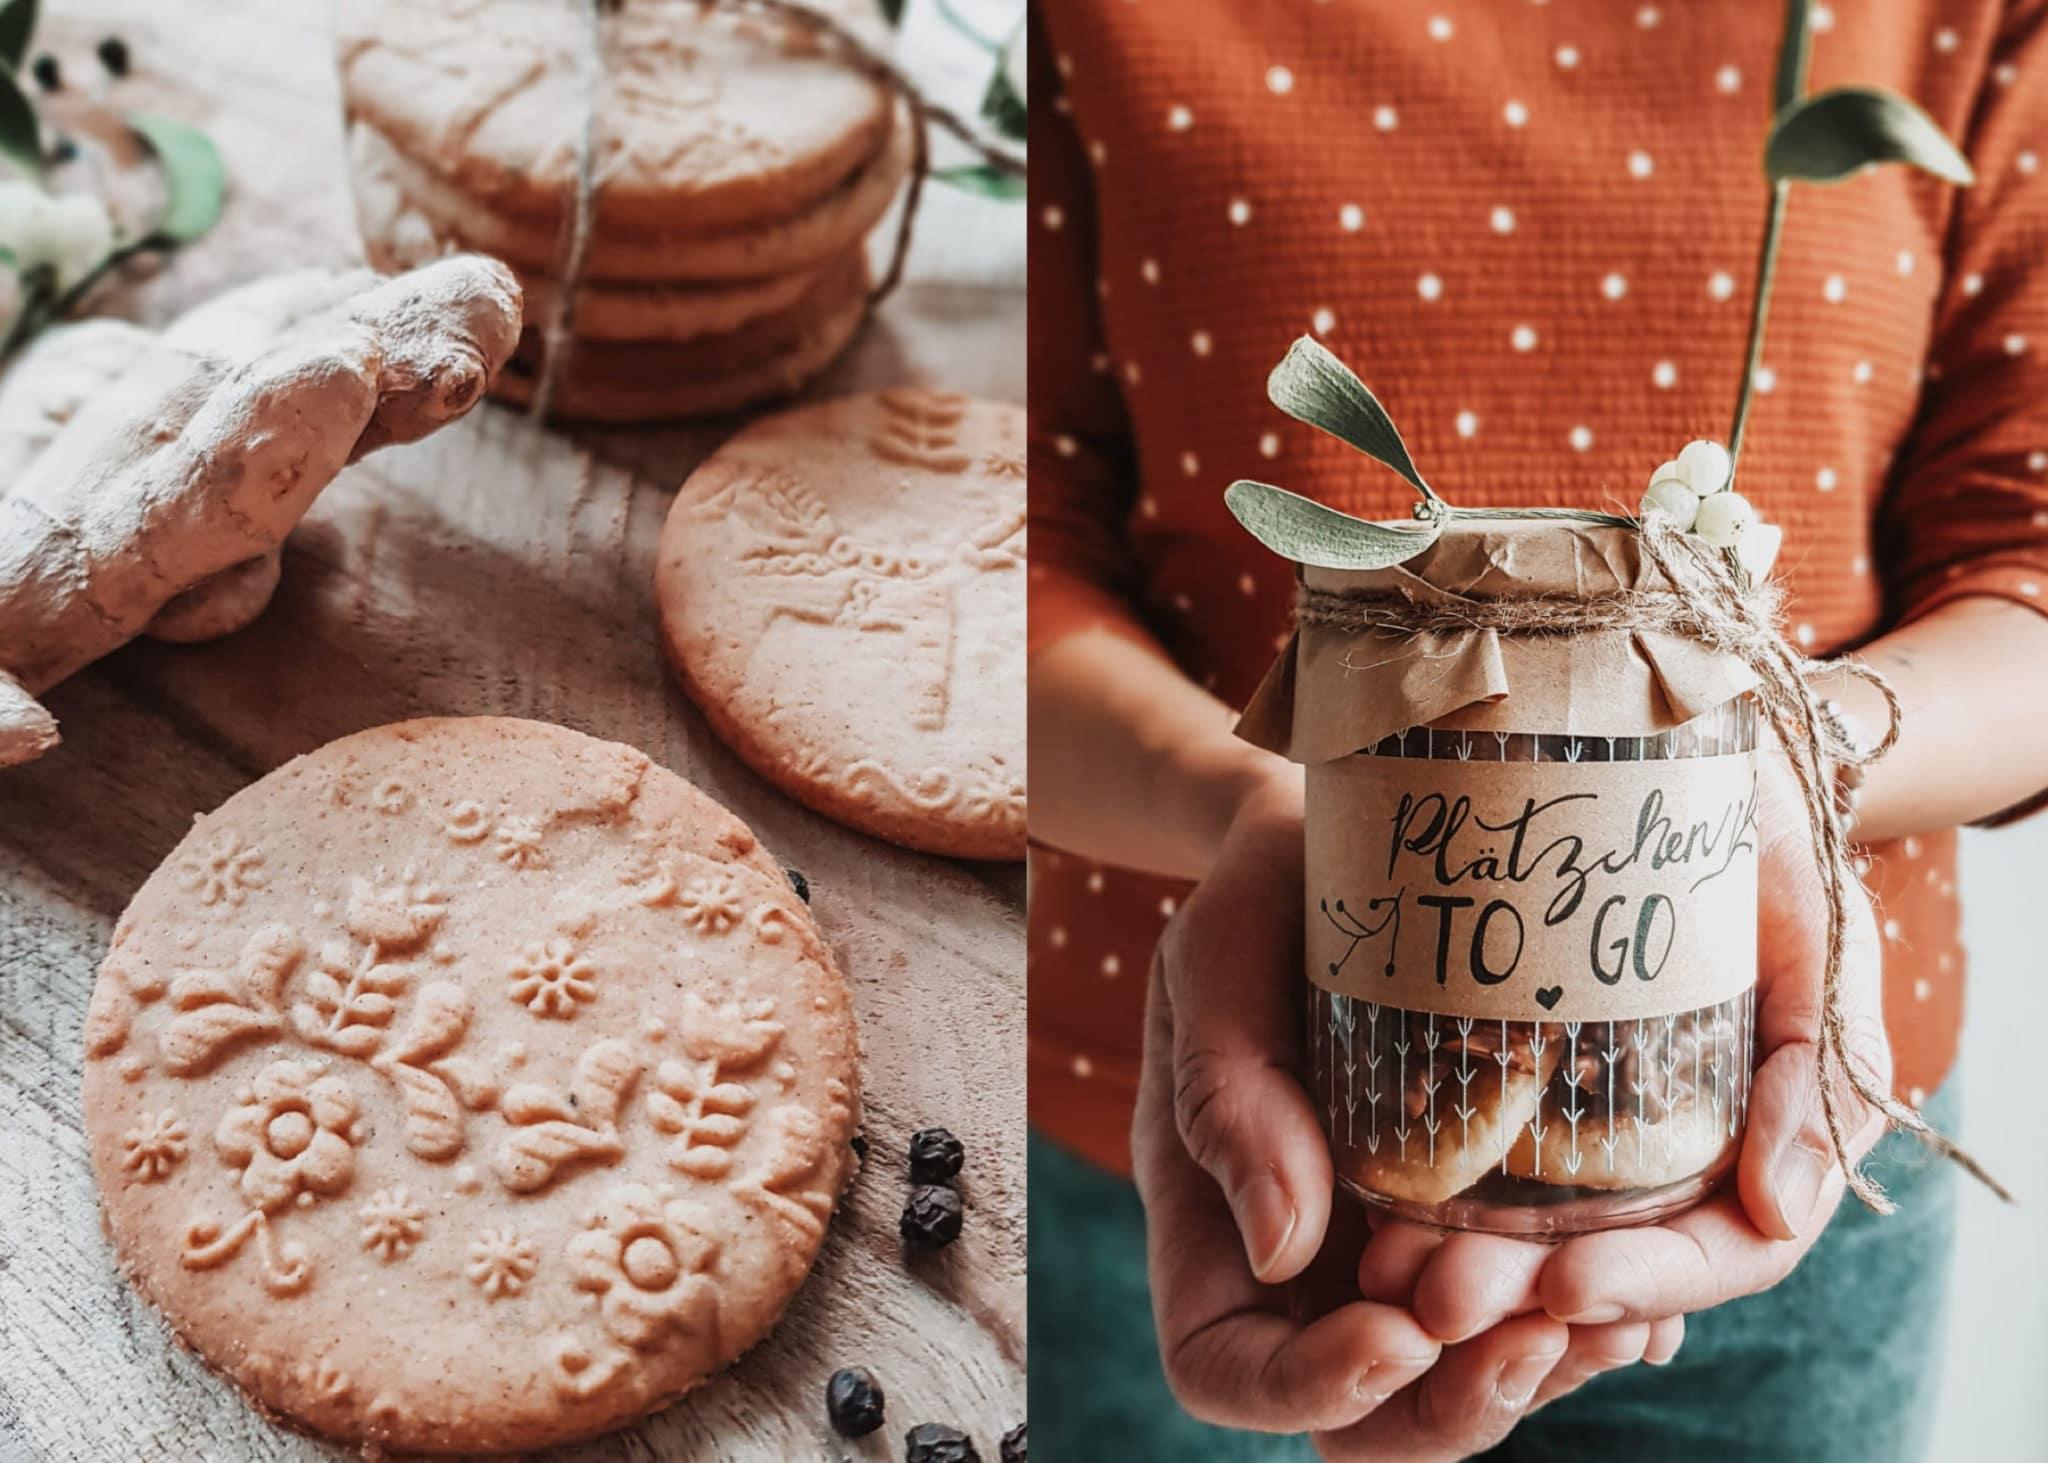 Leckere Plätzchen rezepte zu Weihnachten